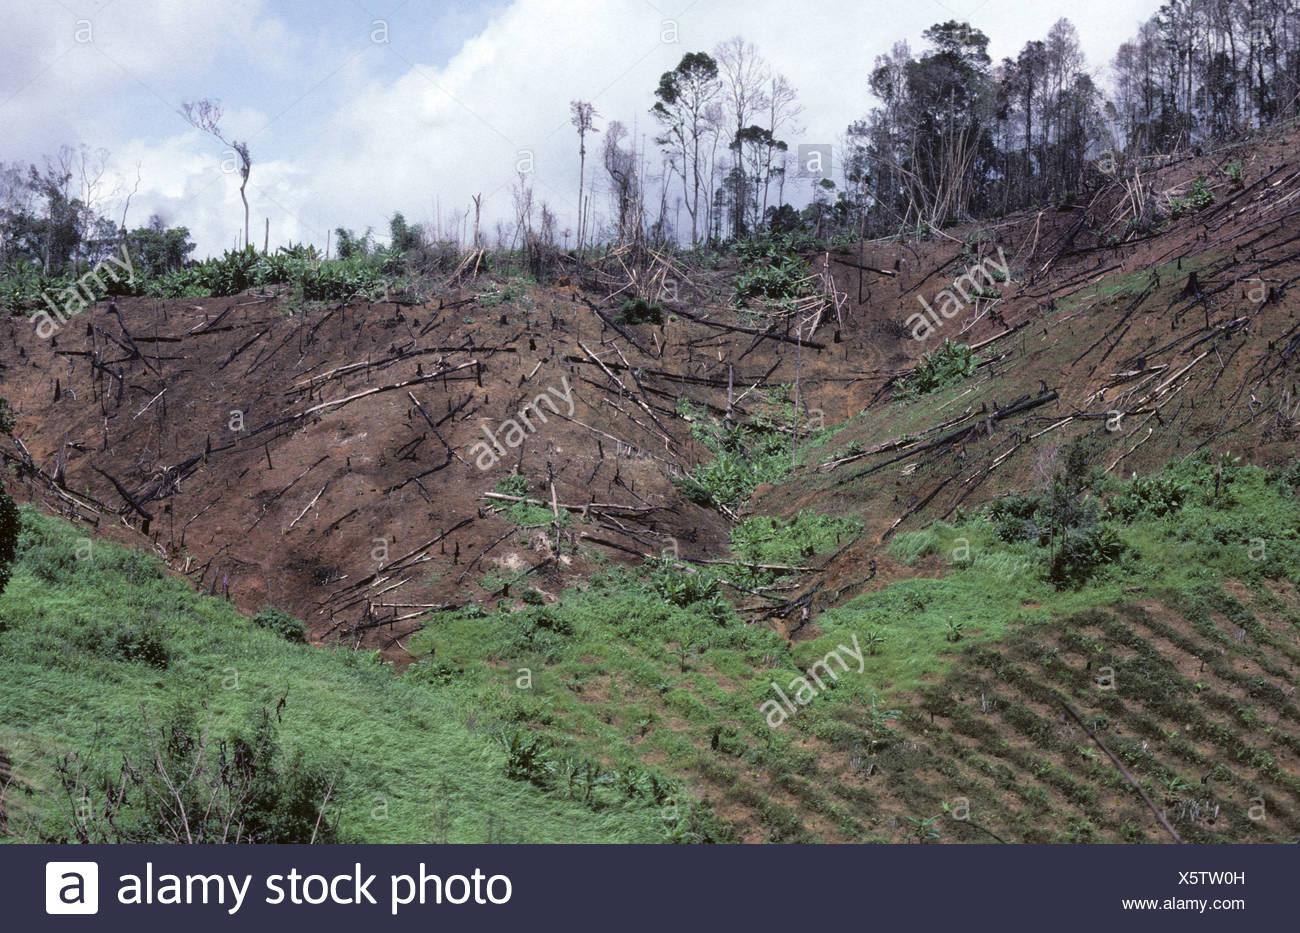 La deforestación de los bosques de tala y quema en Tailandia mostrando el recorte en las laderas bajas Imagen De Stock